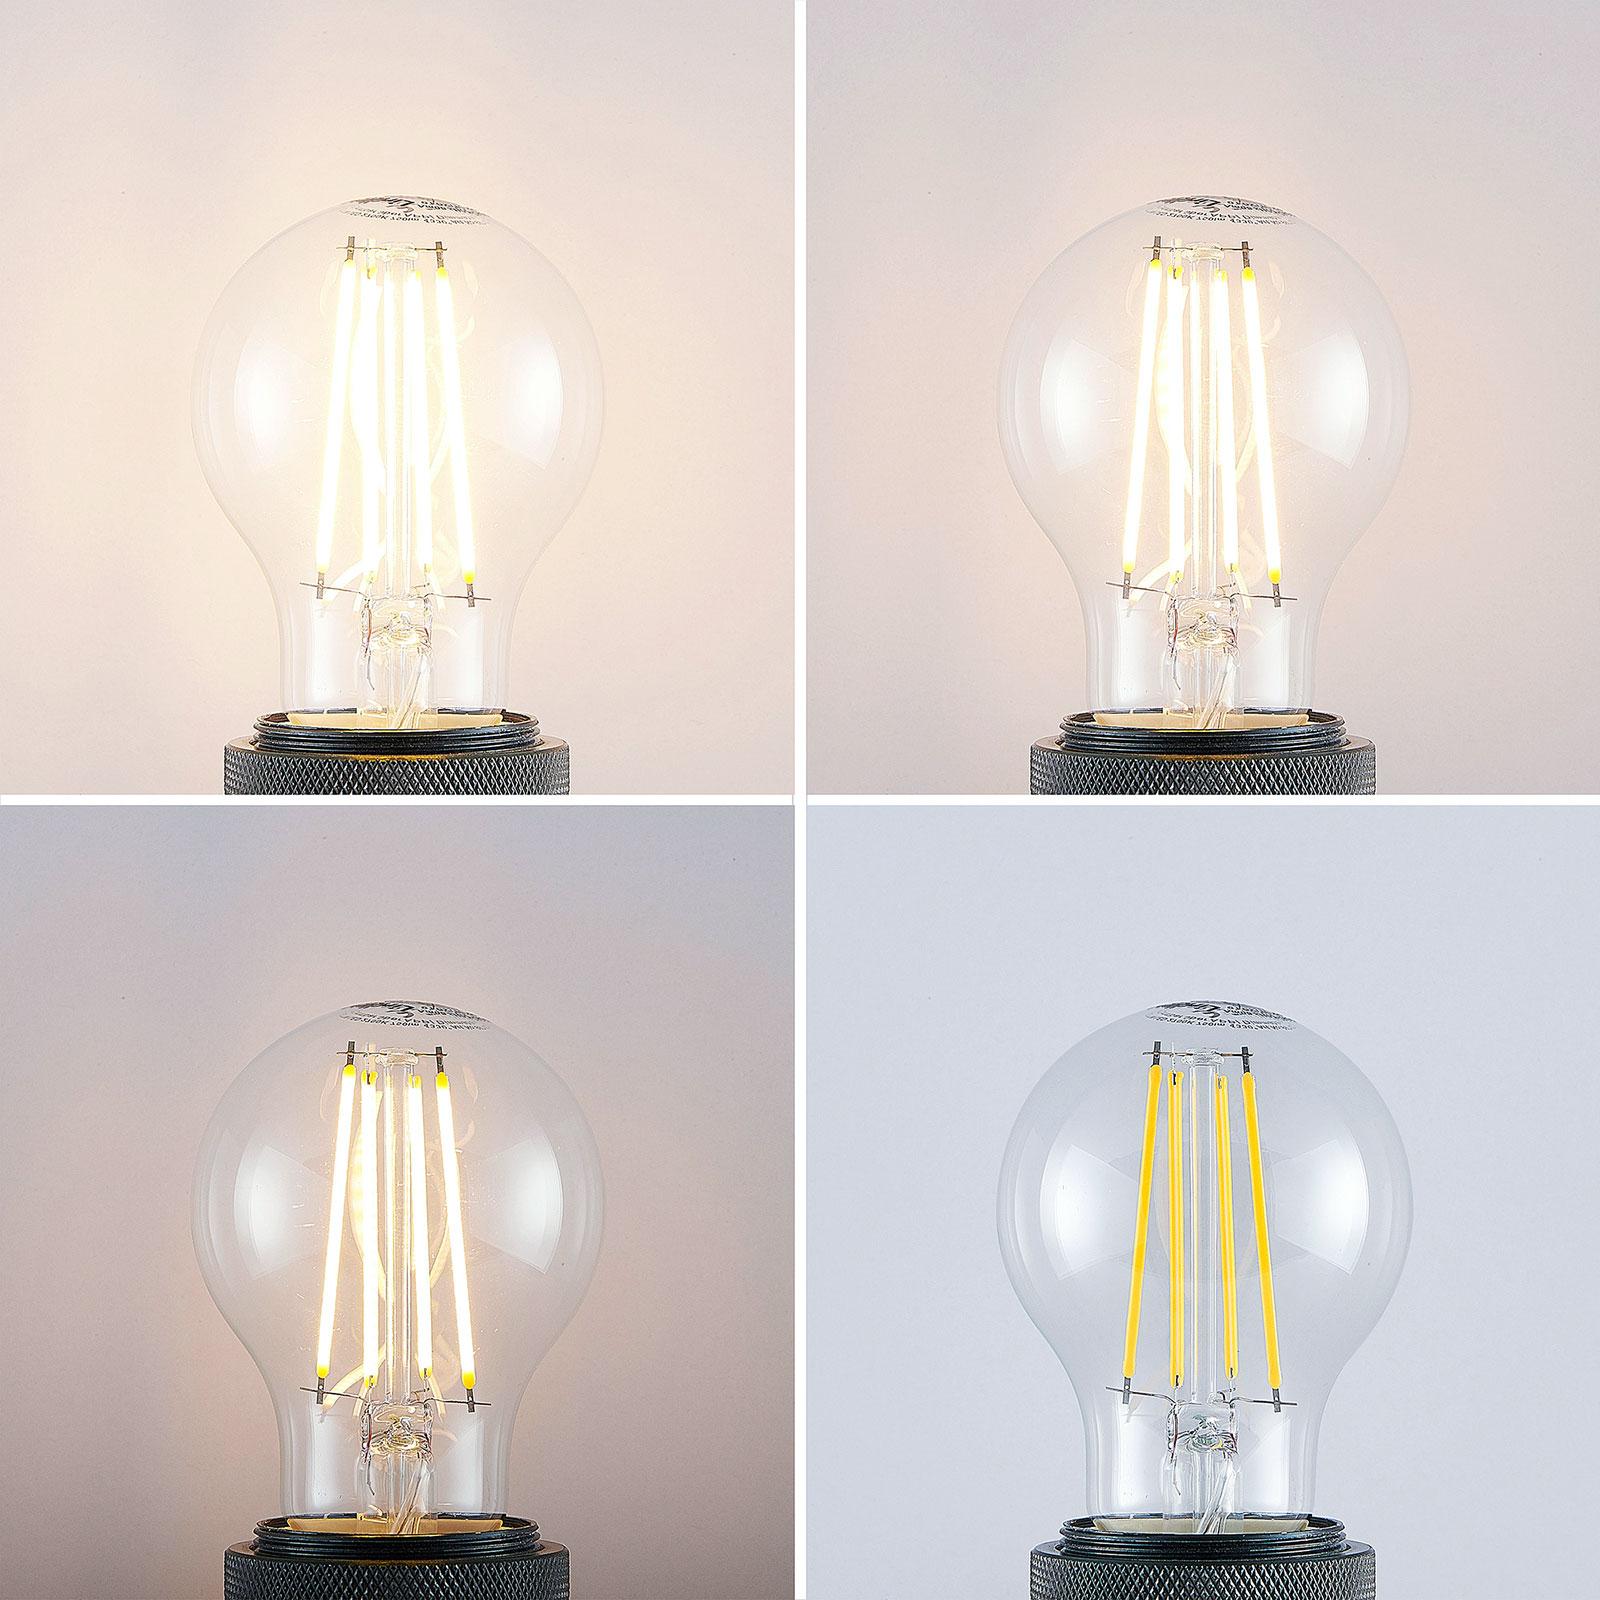 E27 LED-pære Wifi 7W varmhvit filament klar